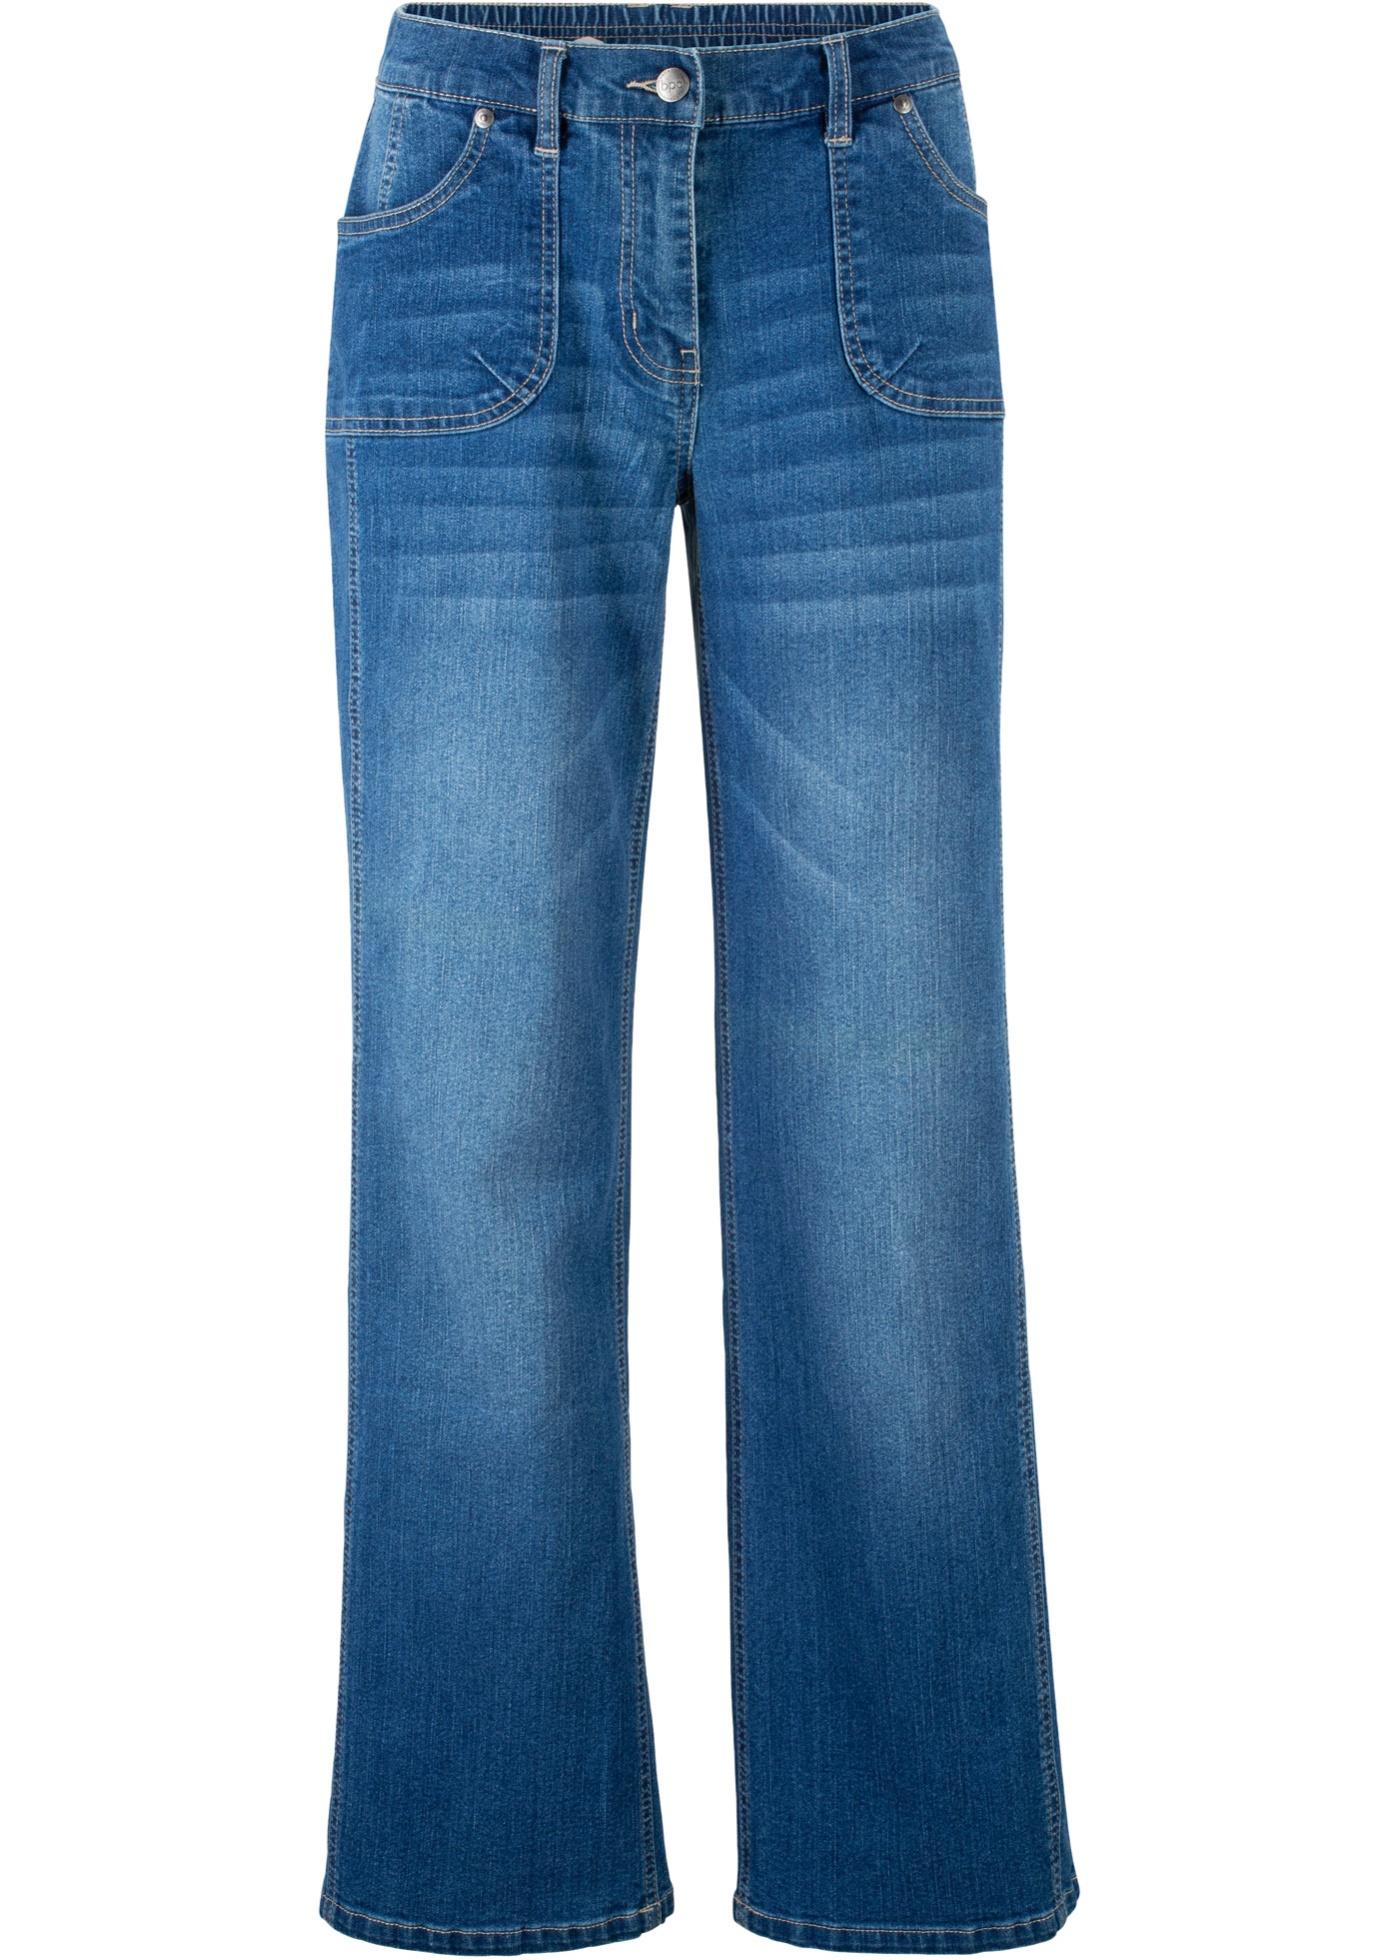 Femme Pour Extensible CollectionJean Bpc Bleu Bonprix Ample USzqMVp